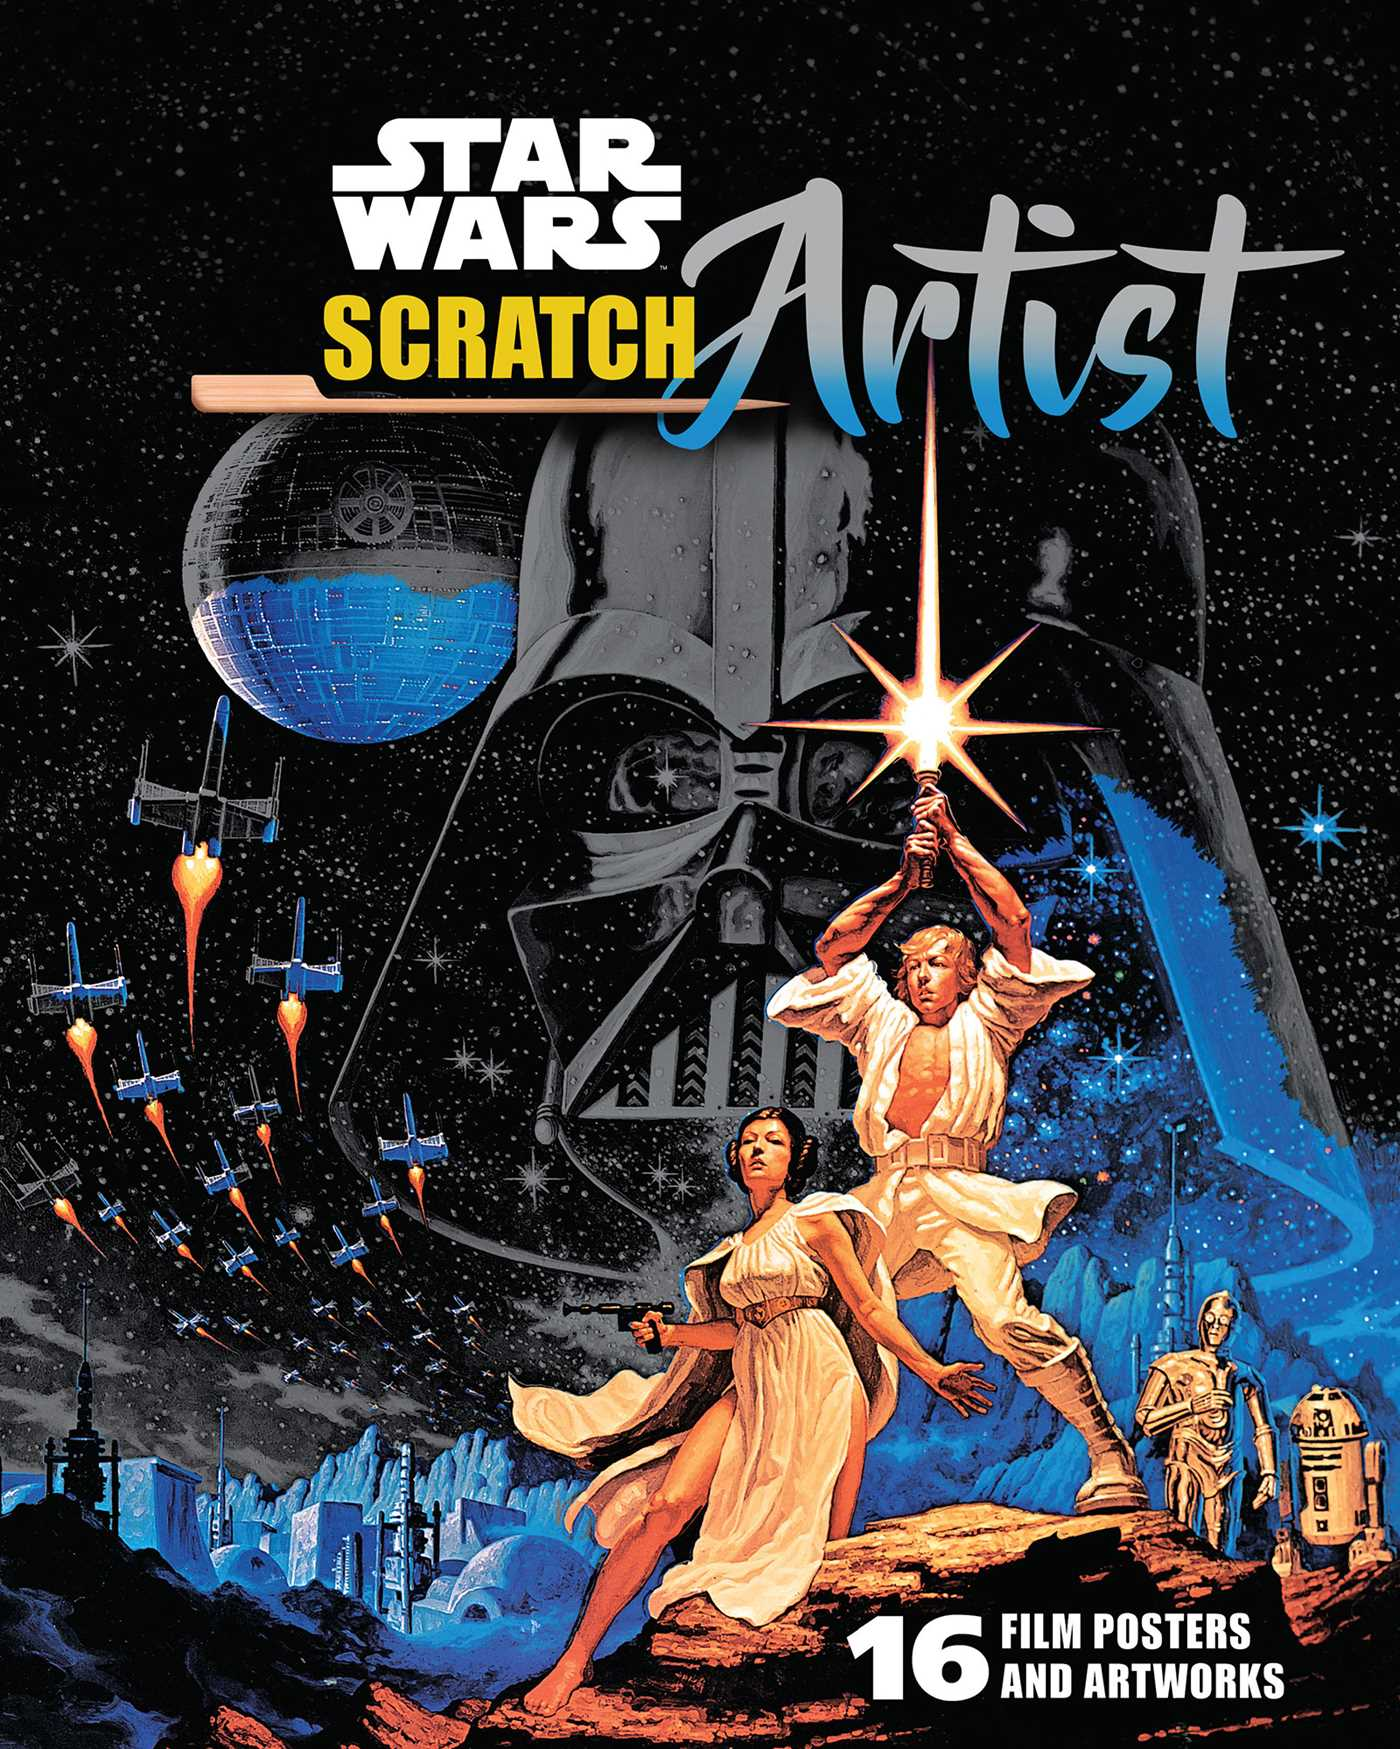 Star Wars: Scratch Artist (20.04.2021)